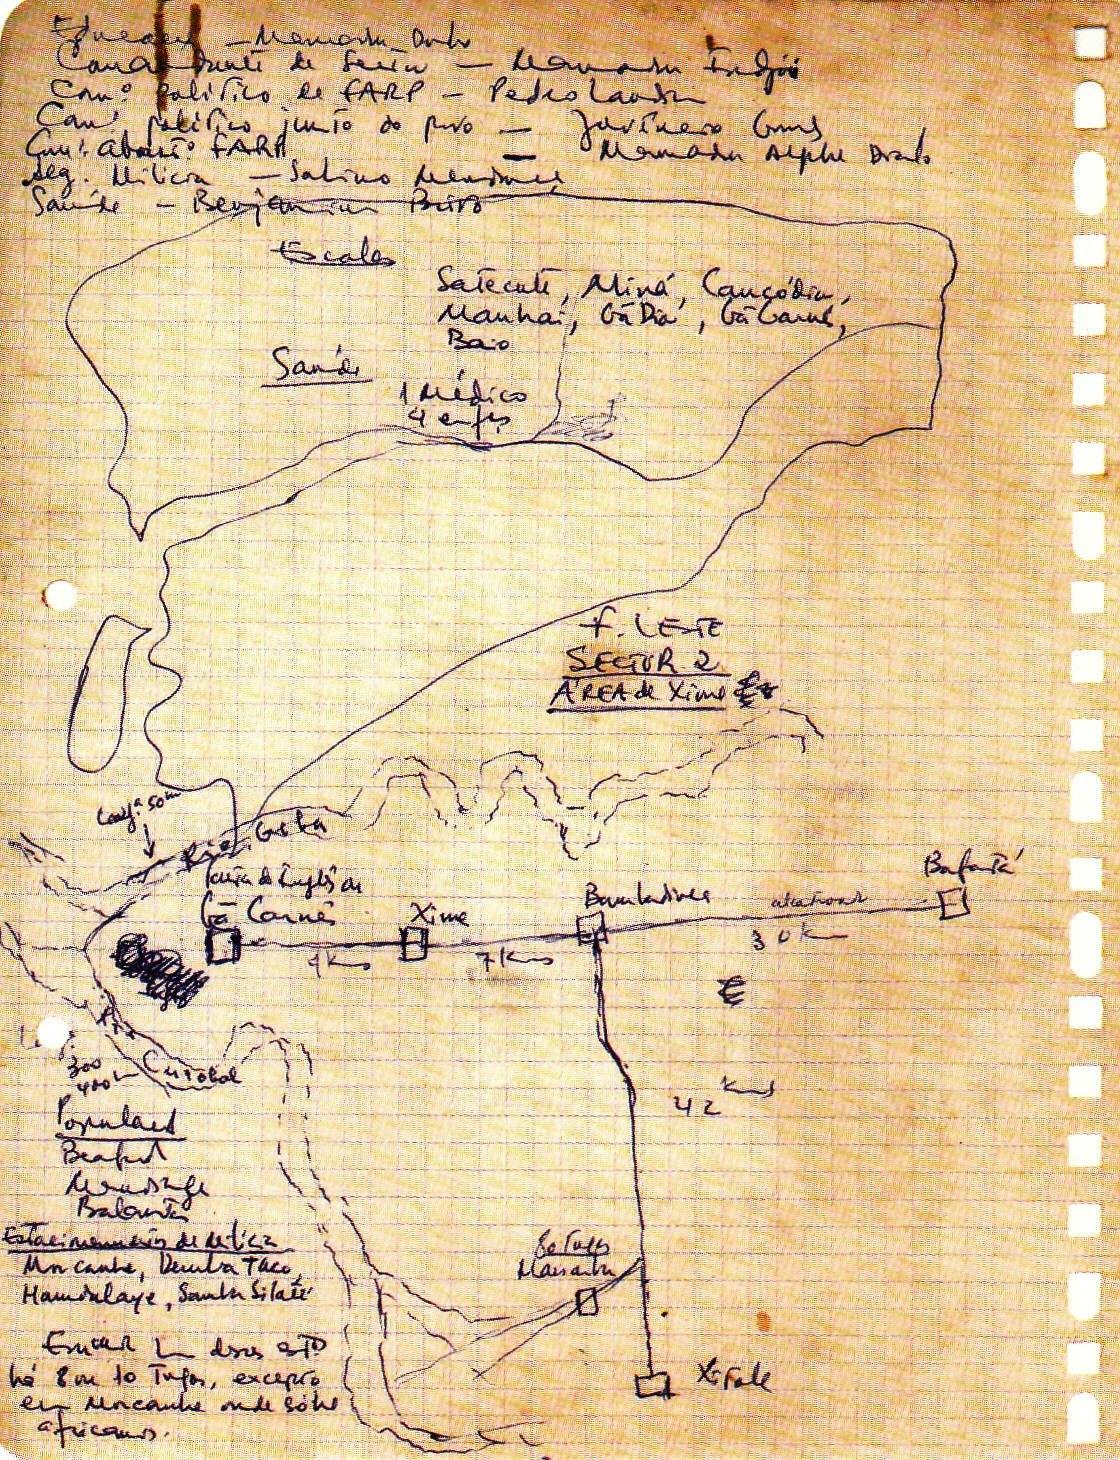 1612fea5158fb Um curioso manuscrito de Amílcar Cabral, com o croquis da Frente Leste,  Sector 2, Área de Xime. S d. Arquivo Amílcar Cabral. Fundação Mário Soares.